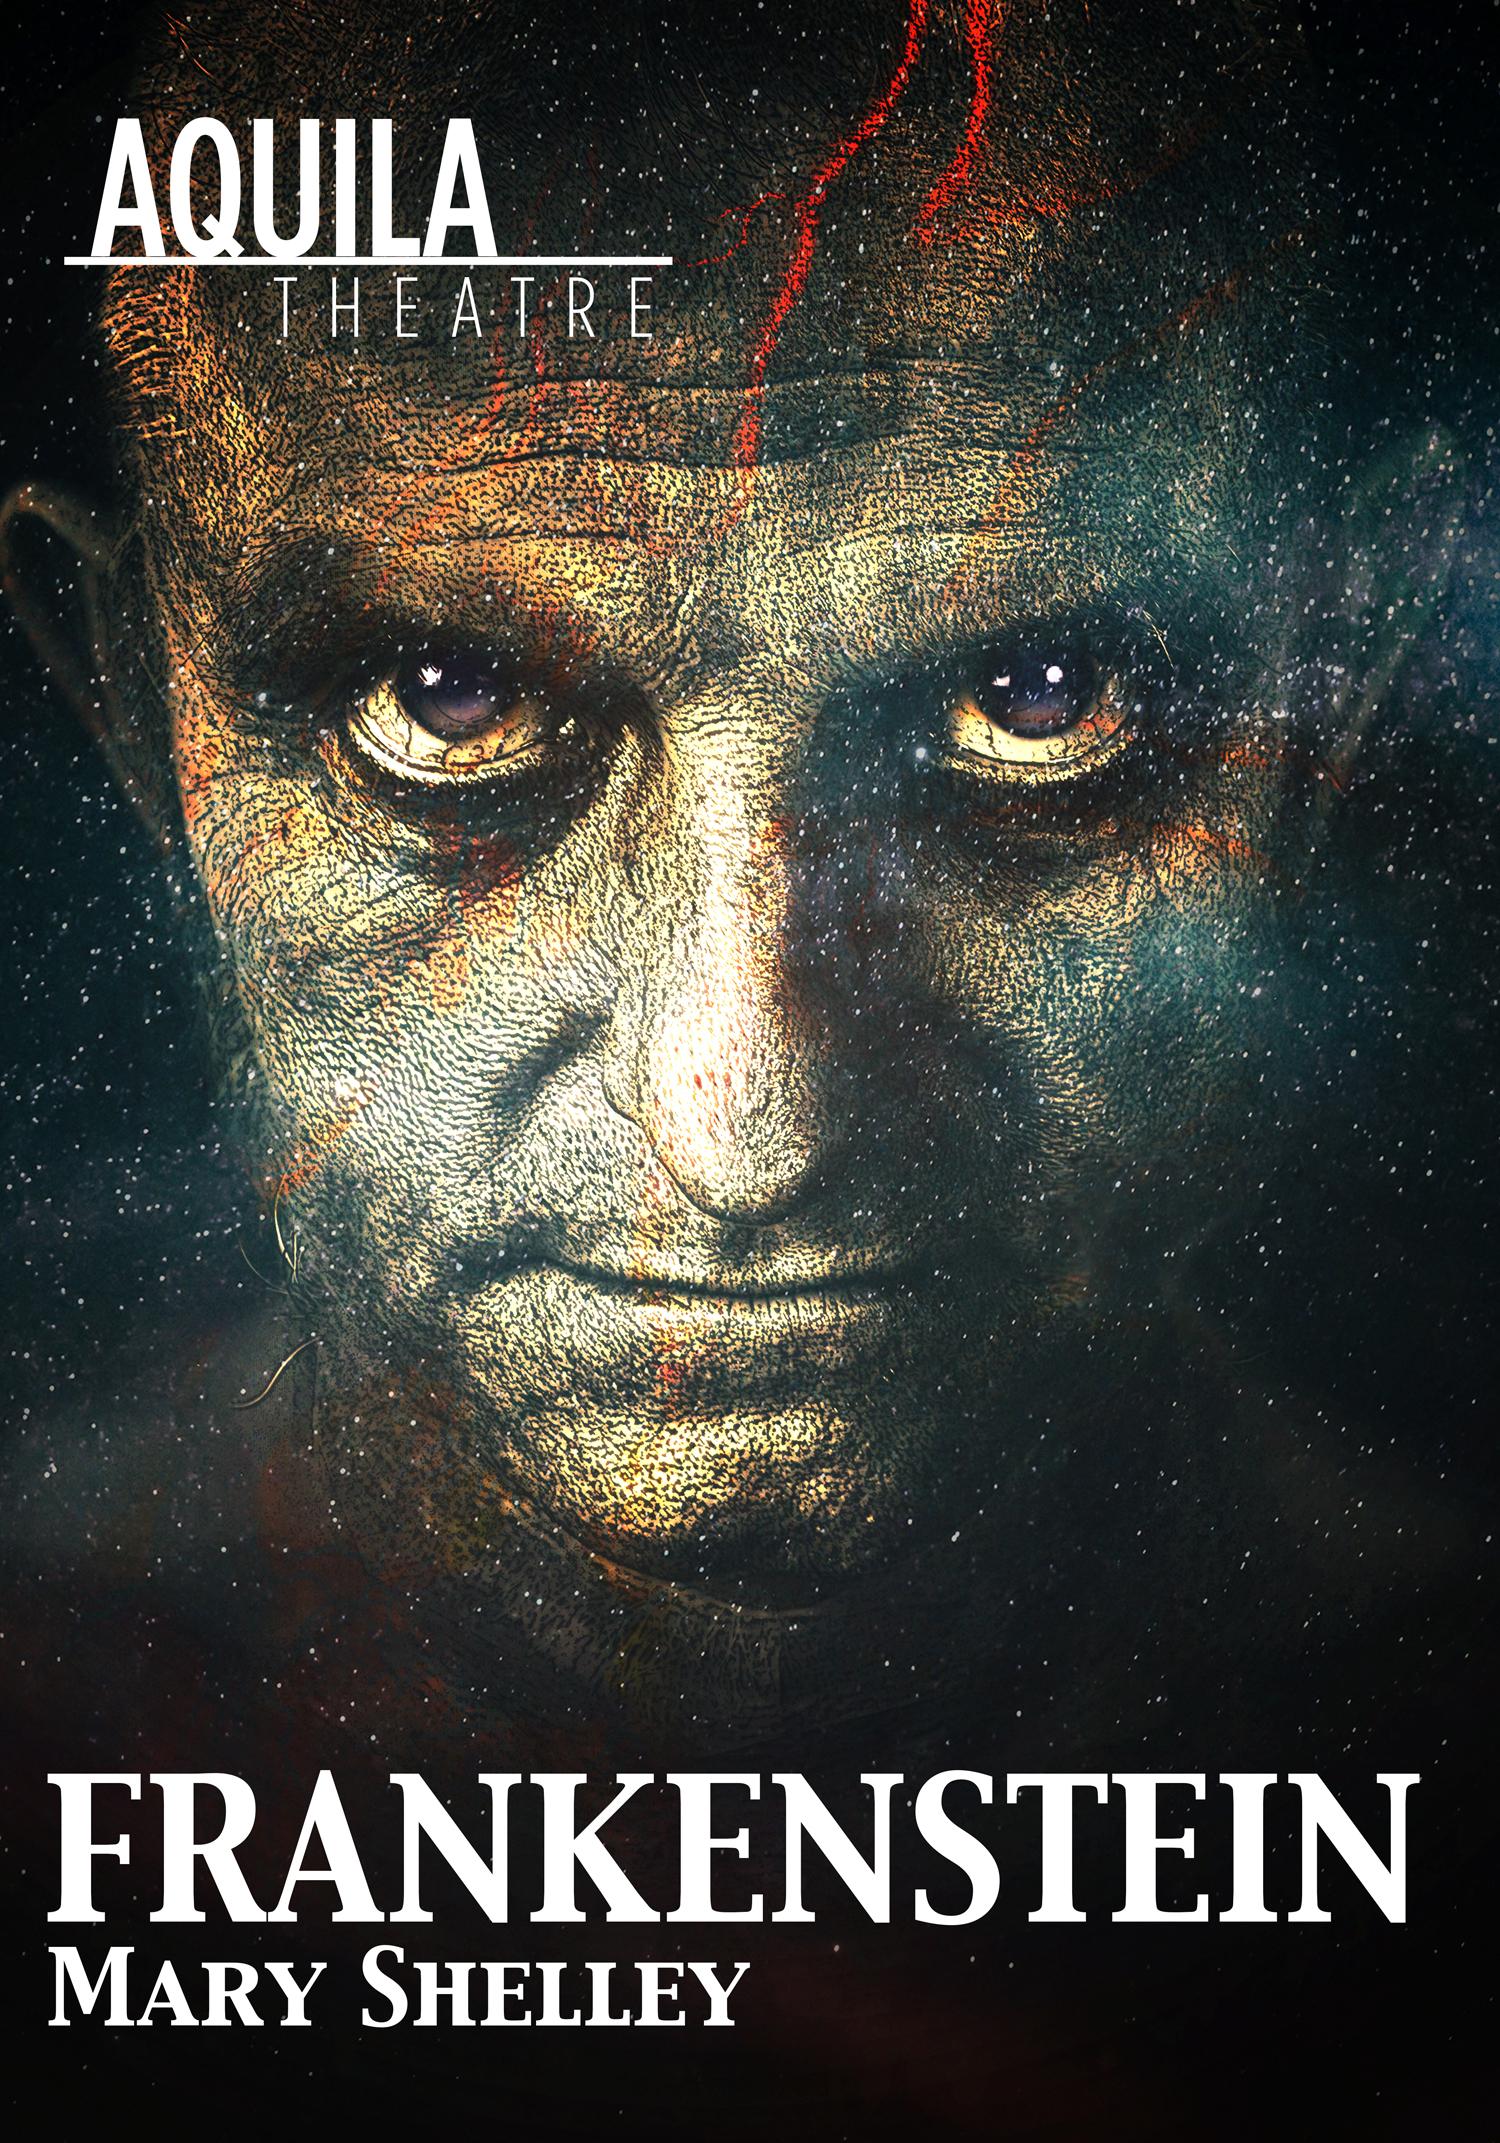 Student Orchestra Ticket - Frankenstein